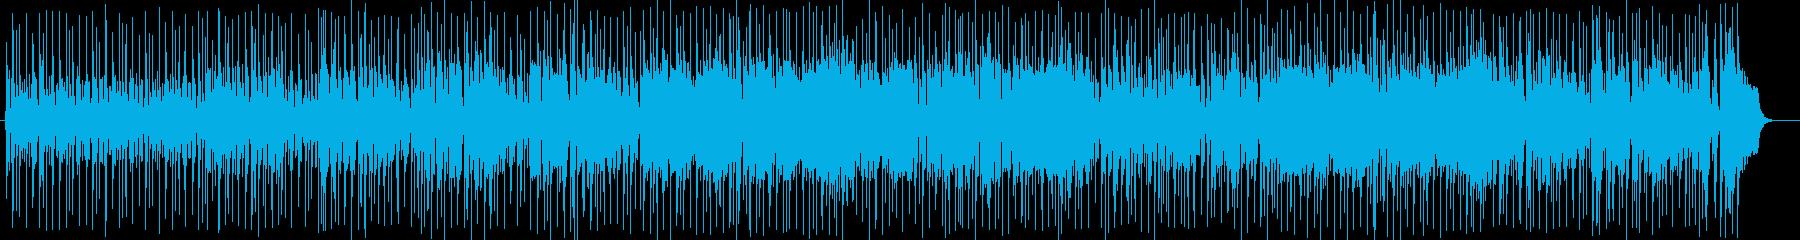 陽気なギタートランペットサウンドの再生済みの波形